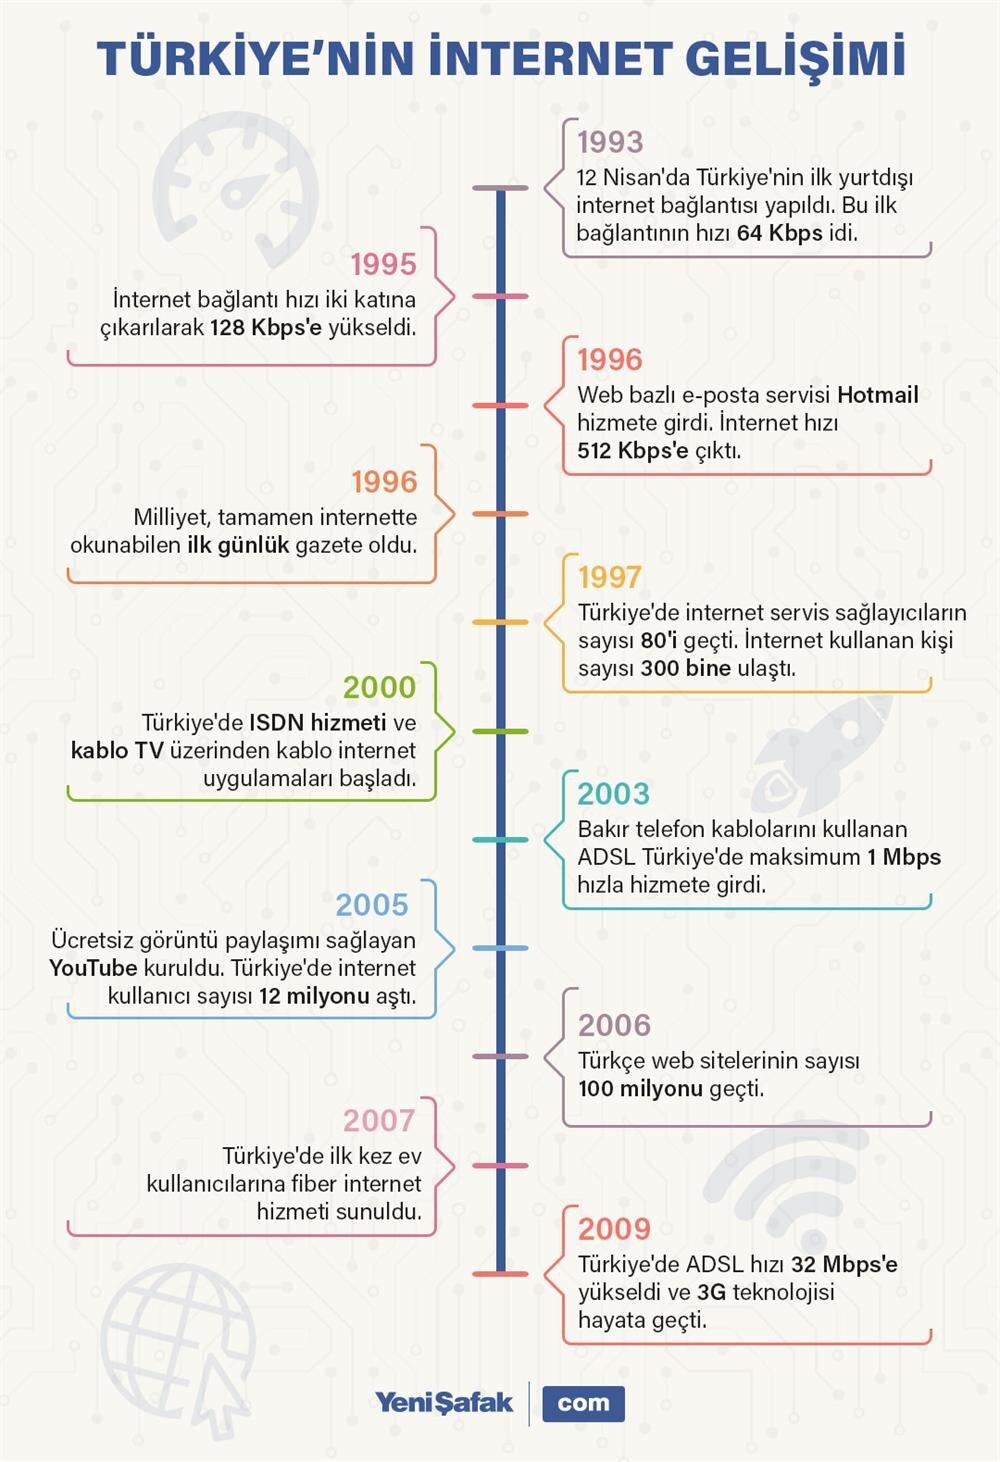 Türkiye'nin internet gelişimi